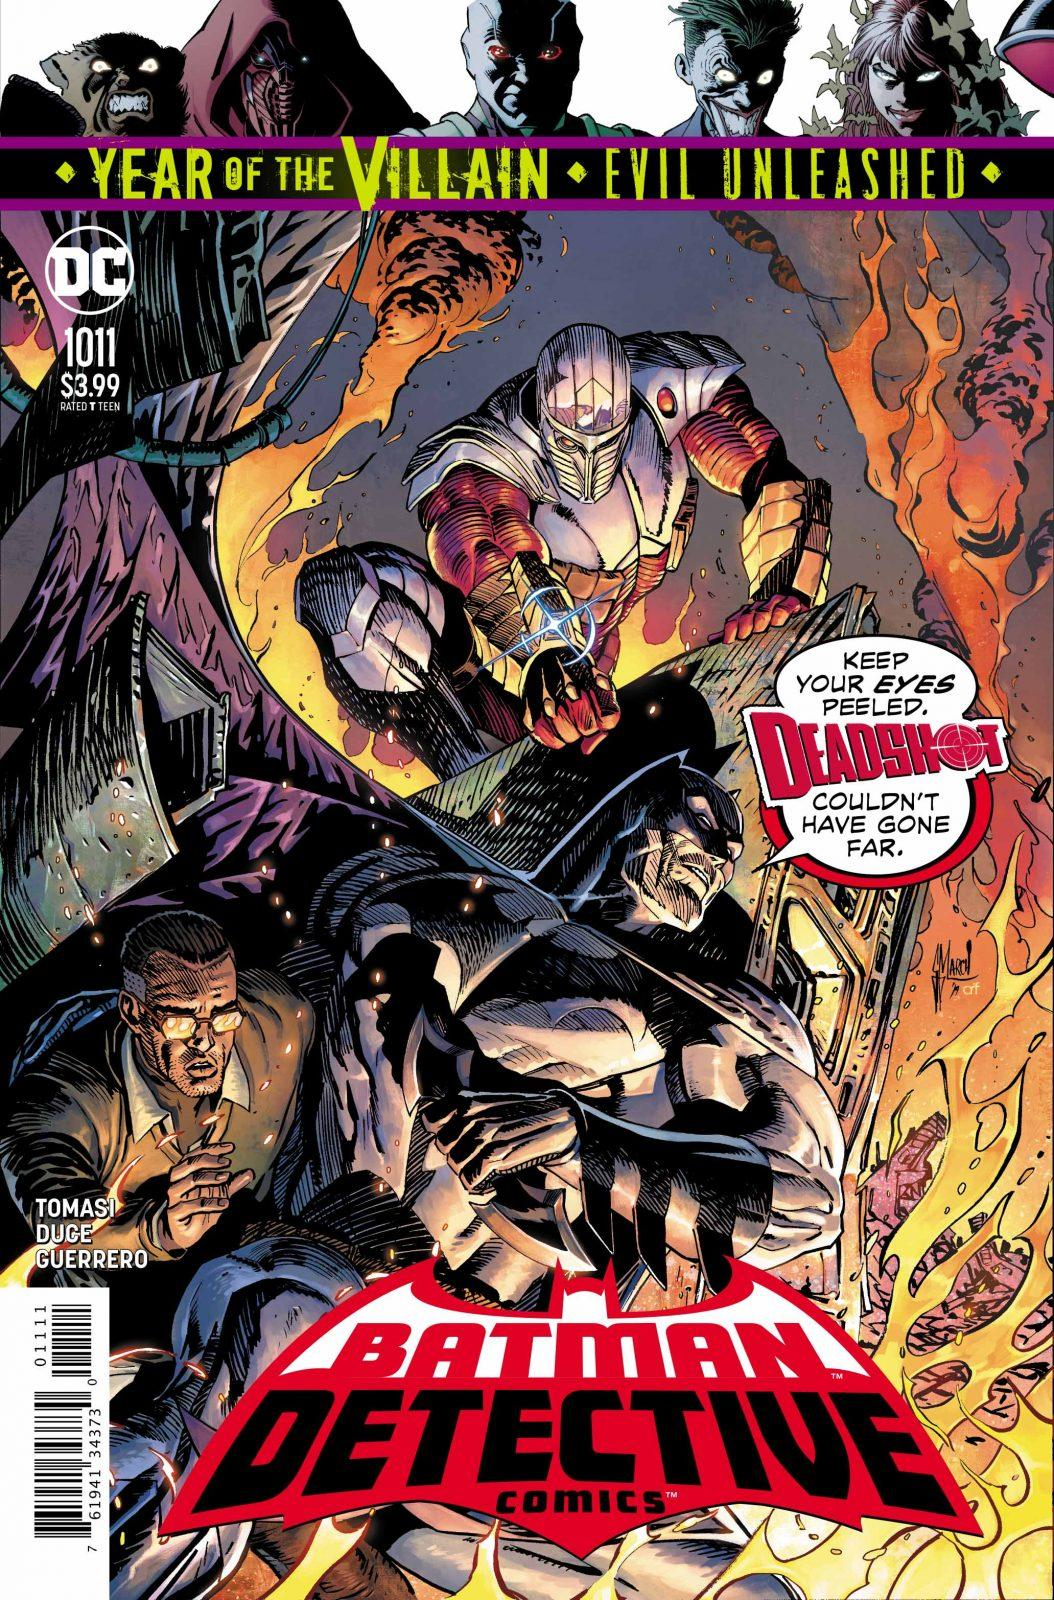 Batman Detective Comics 1011